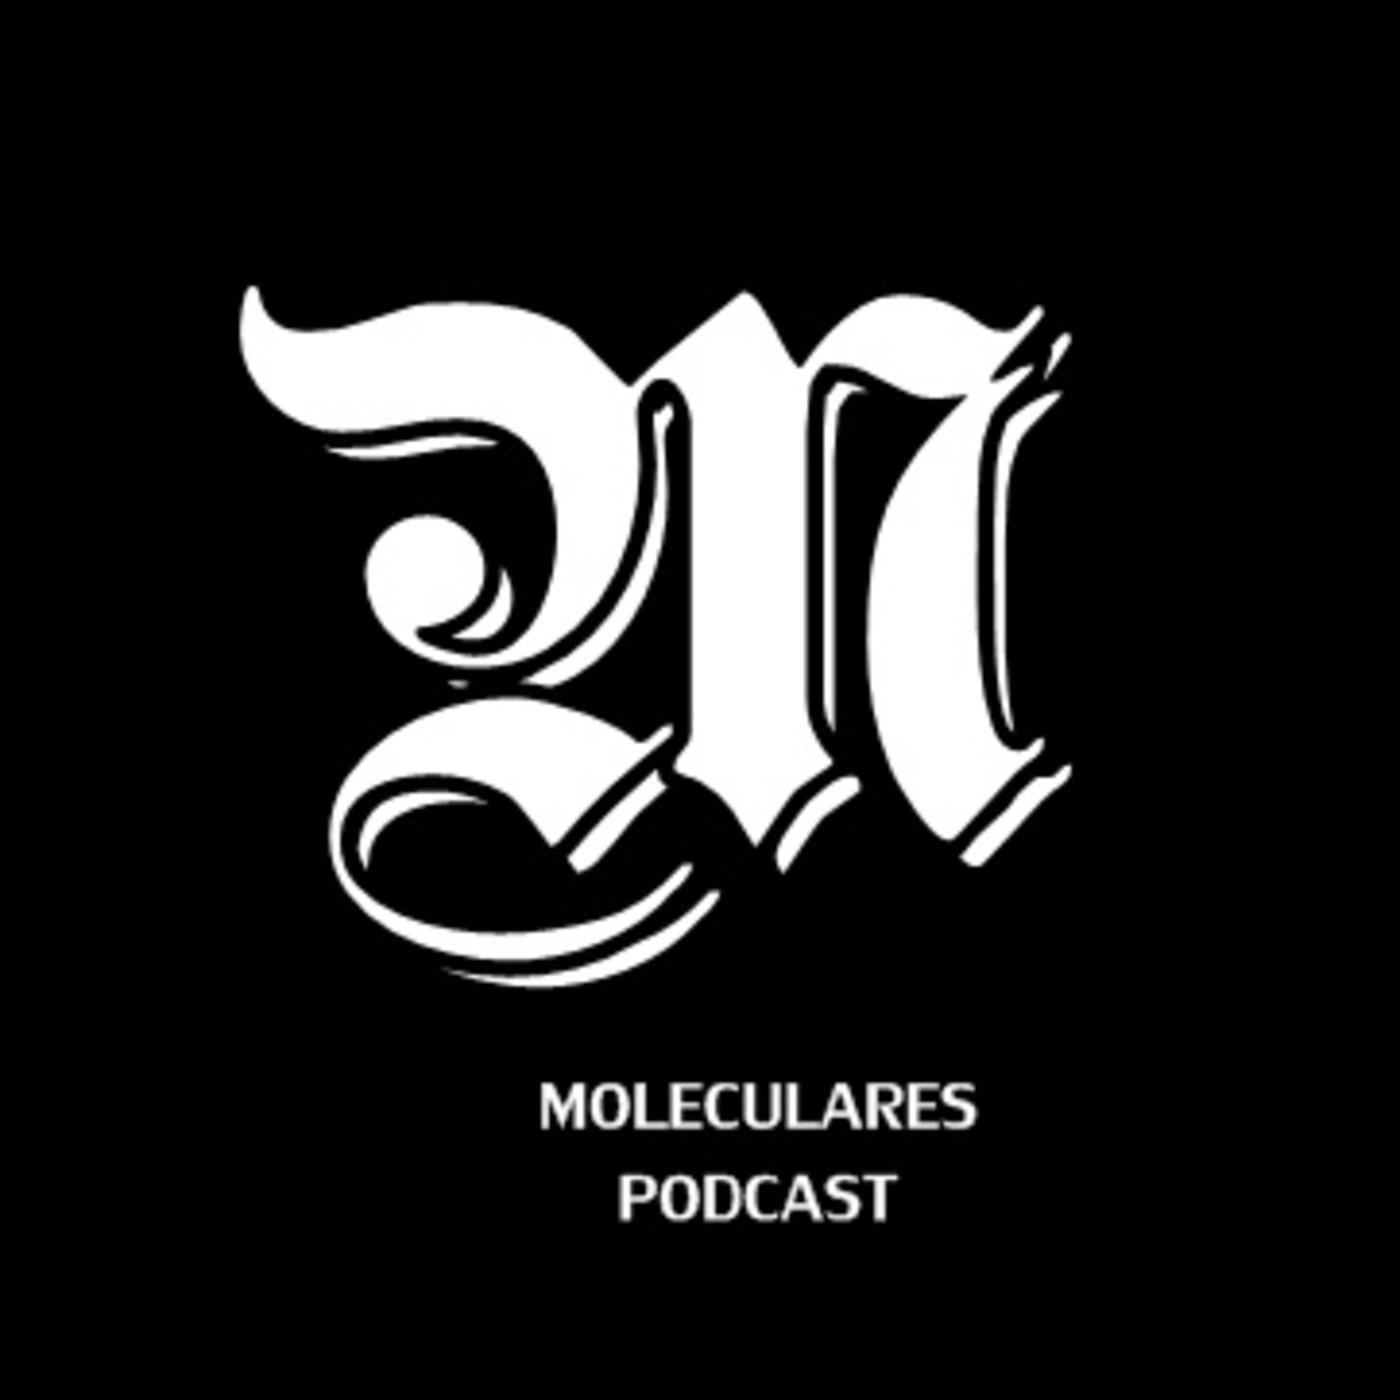 moleculares